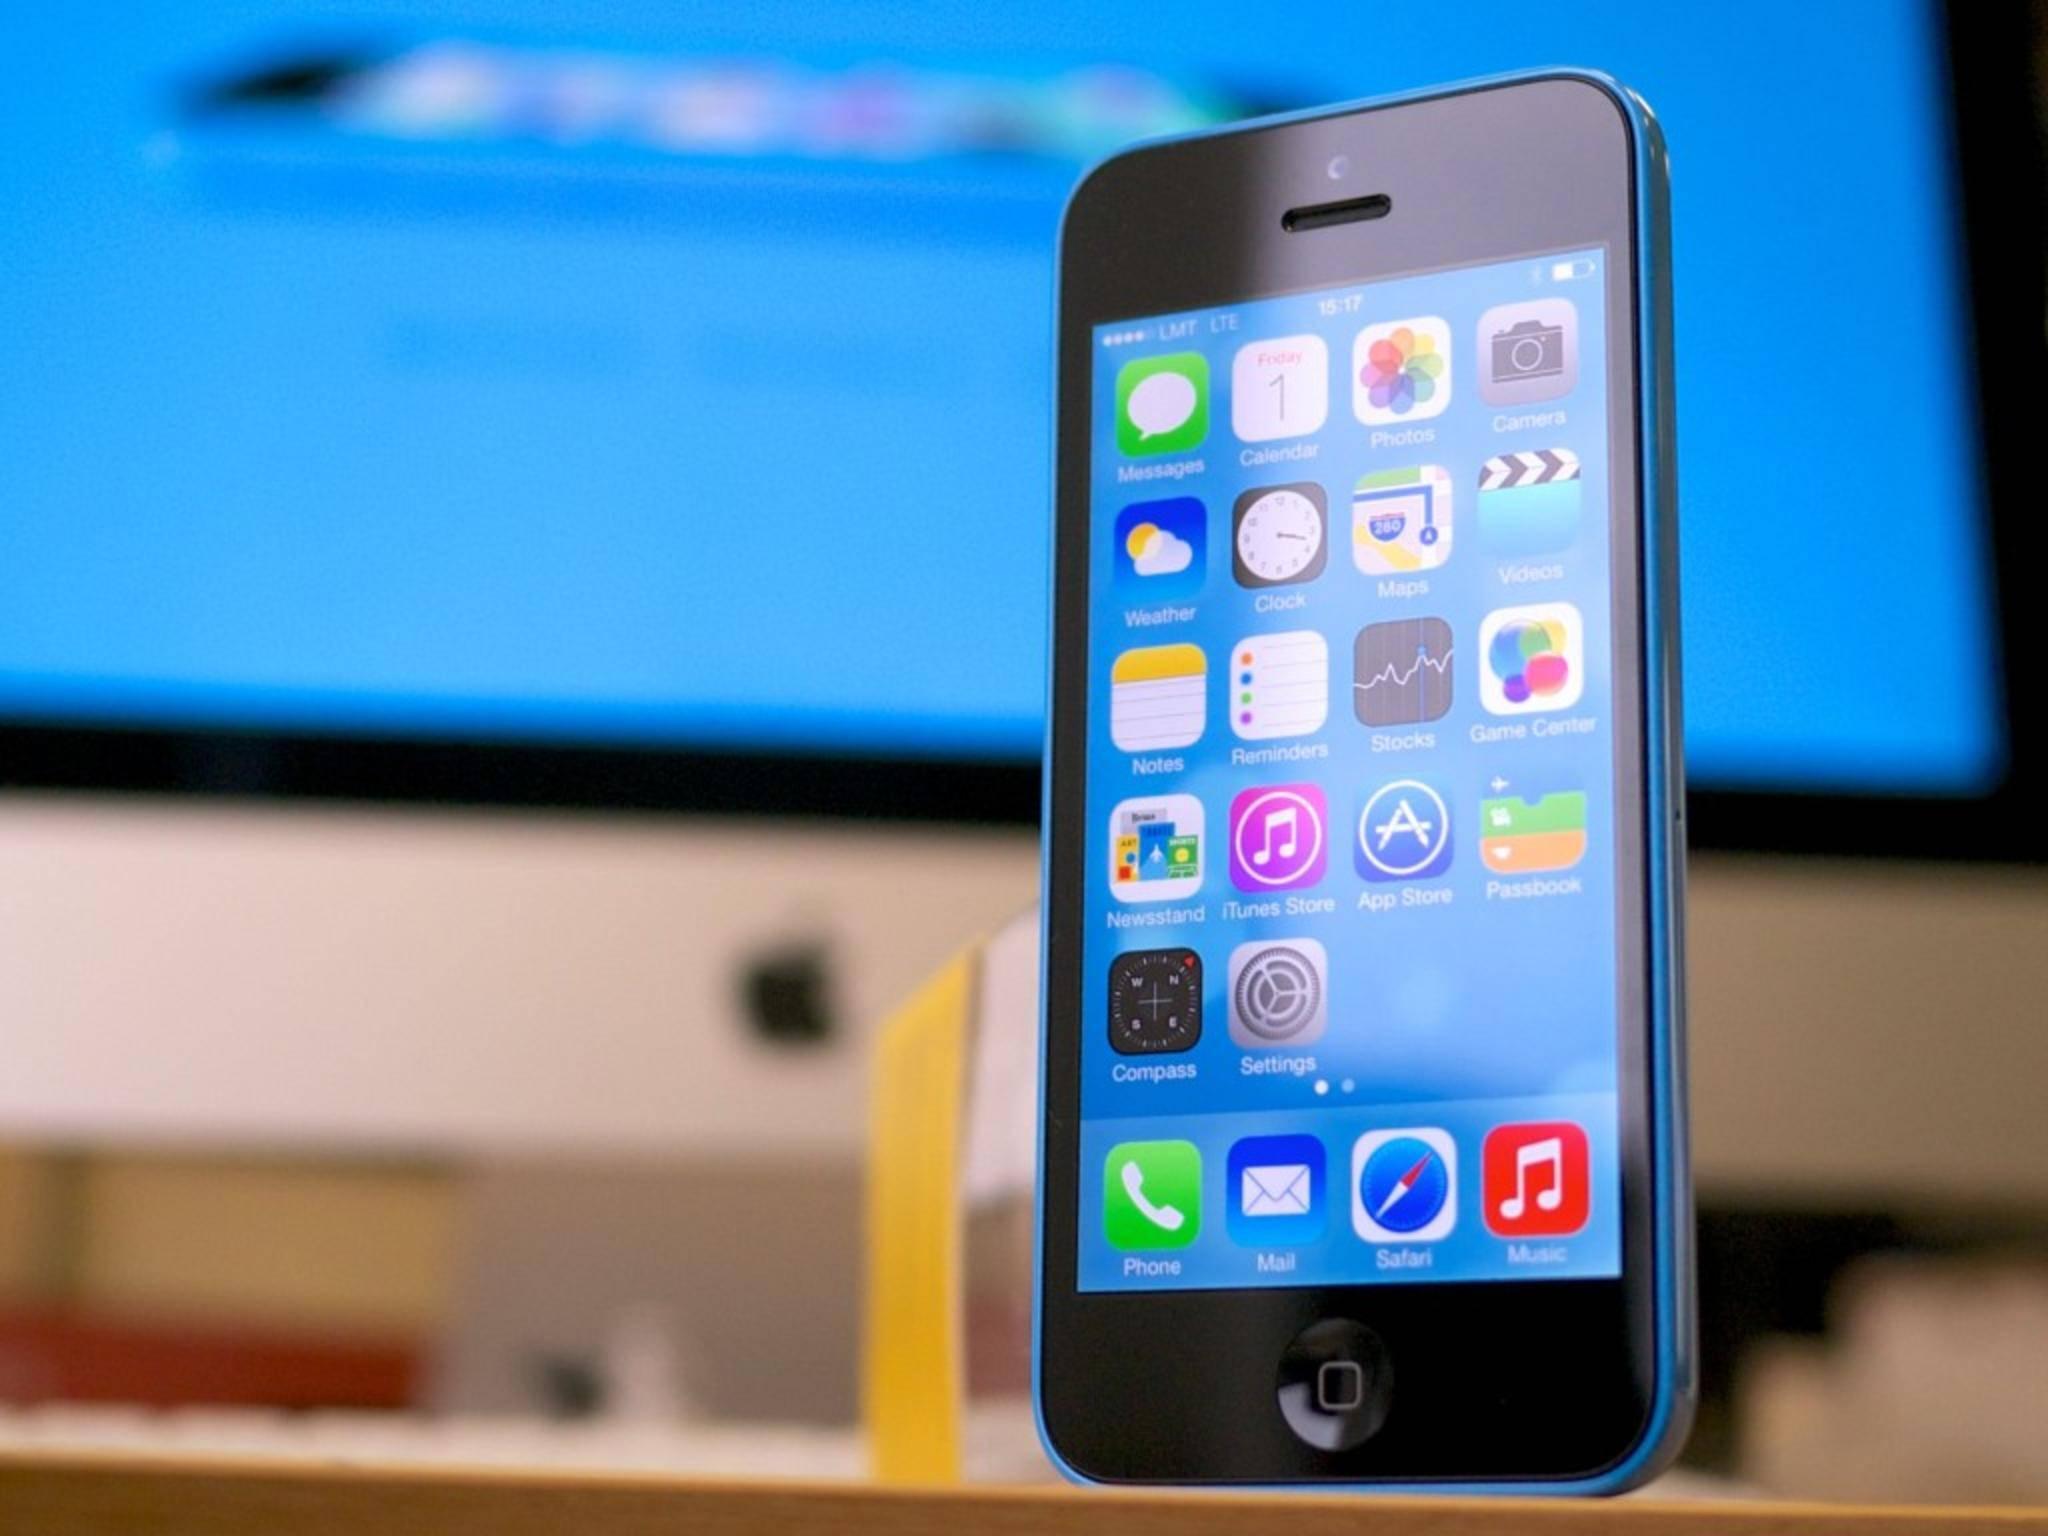 Zu einem iPhone 5c wollte das FBI Zugriff haben – und hat das jetzt auch geschafft.